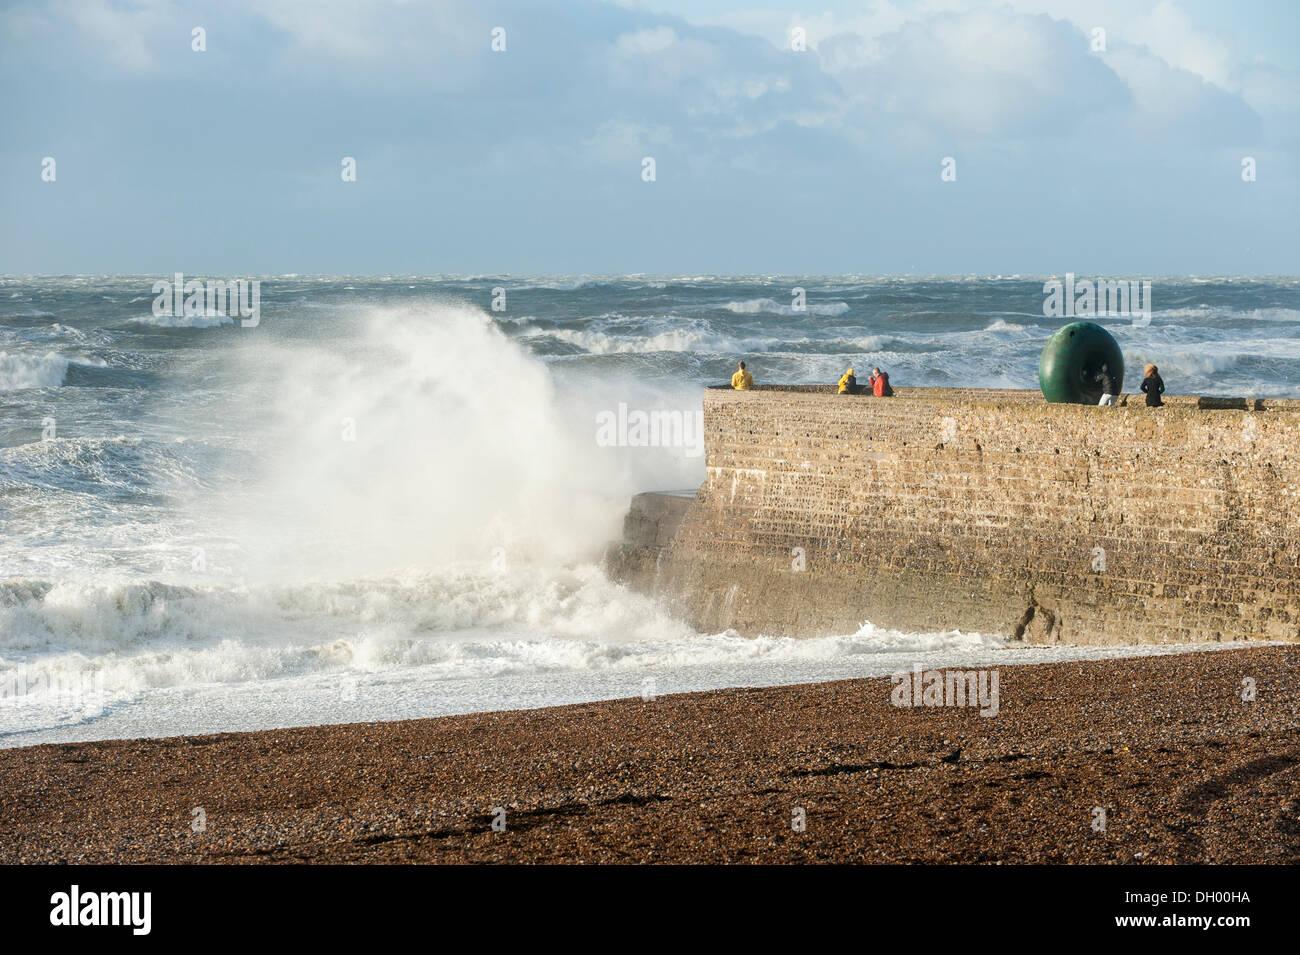 Brighton, UK. 28th Oct 2013. St Jude Storm hits southern UK coastline. Huge waves crashing on Brighton seafront Stock Photo